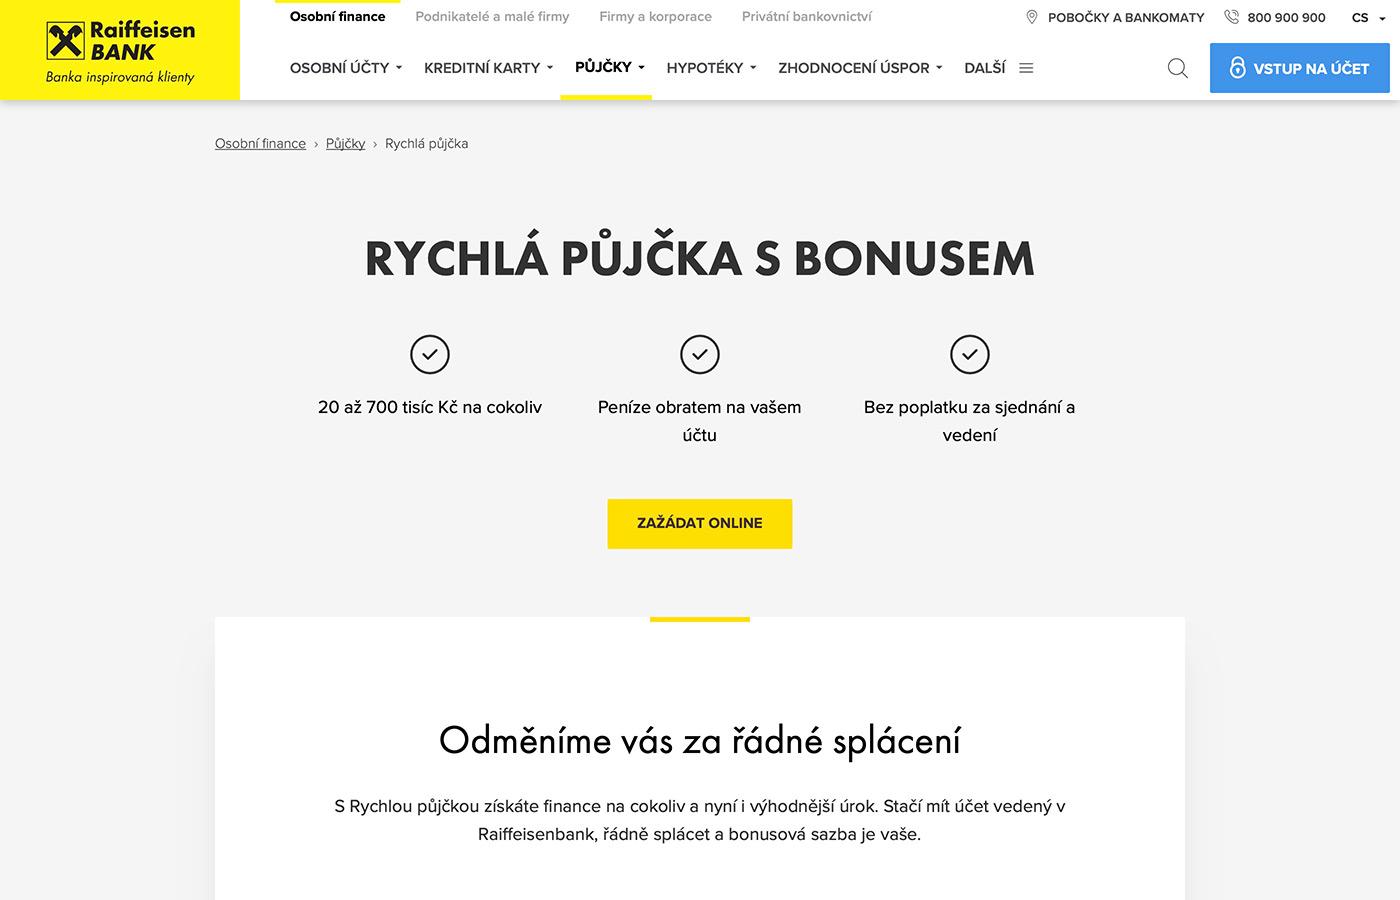 Náhled webových stránek www.rb.cz/osobni/pujcky/rychla-pujcka